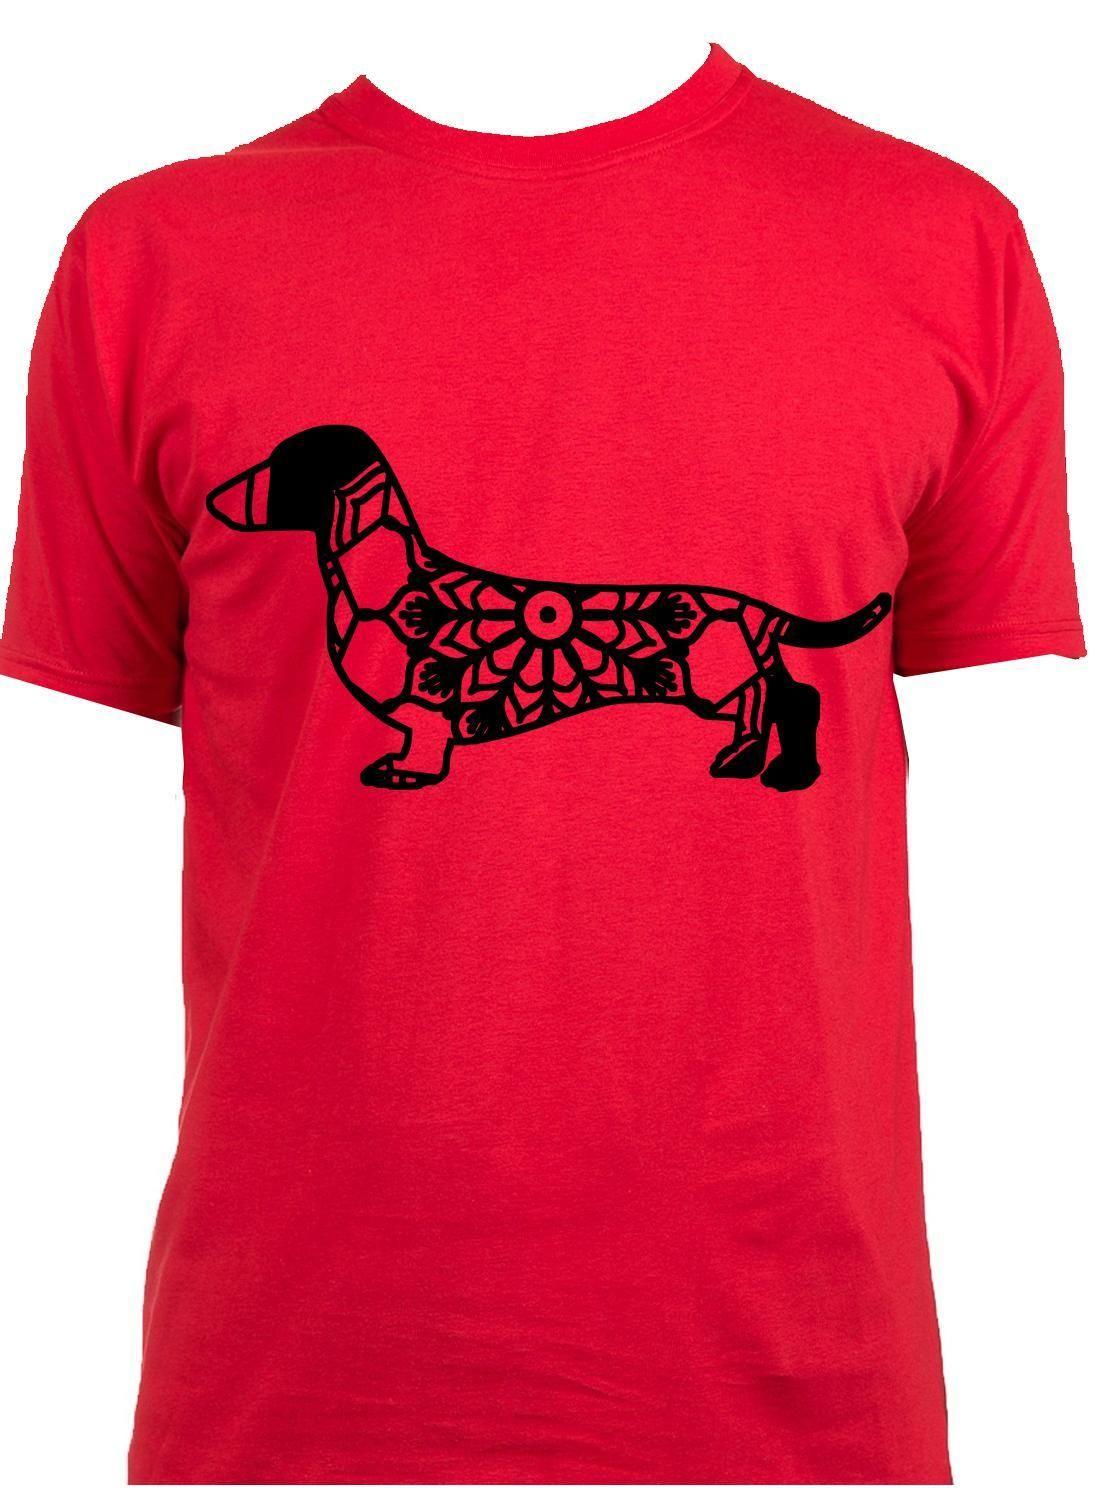 Dachshund Mandala Animal Svg T Shirt Digital Shirt Designs